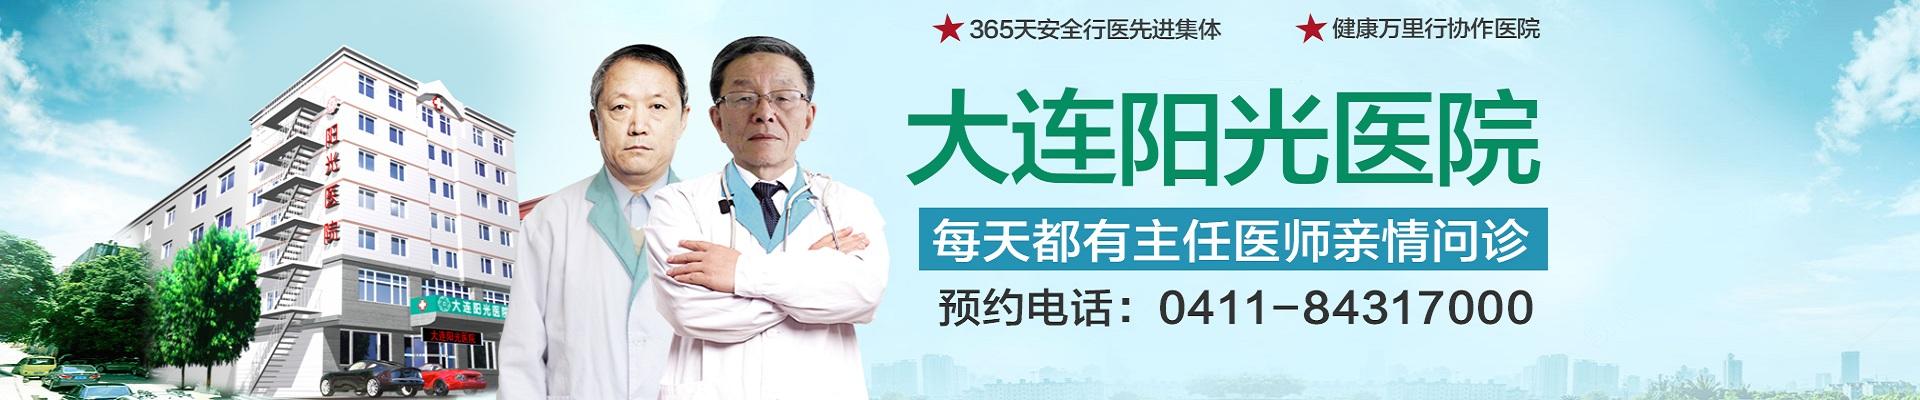 金华华山医院